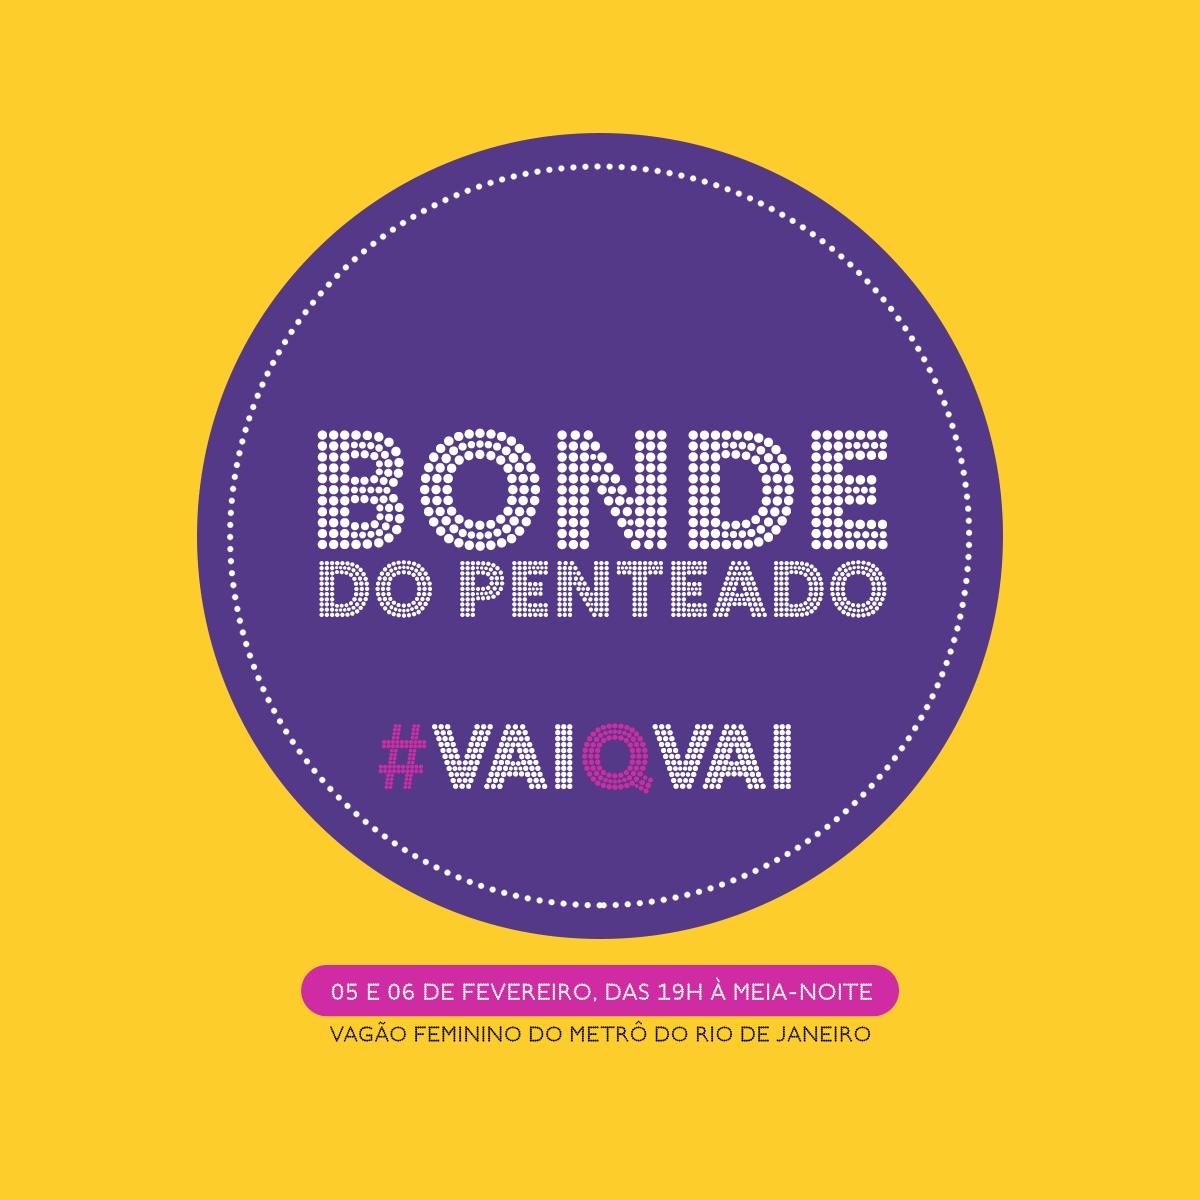 imagem_divulgacao_bonde_do_penteado_v1